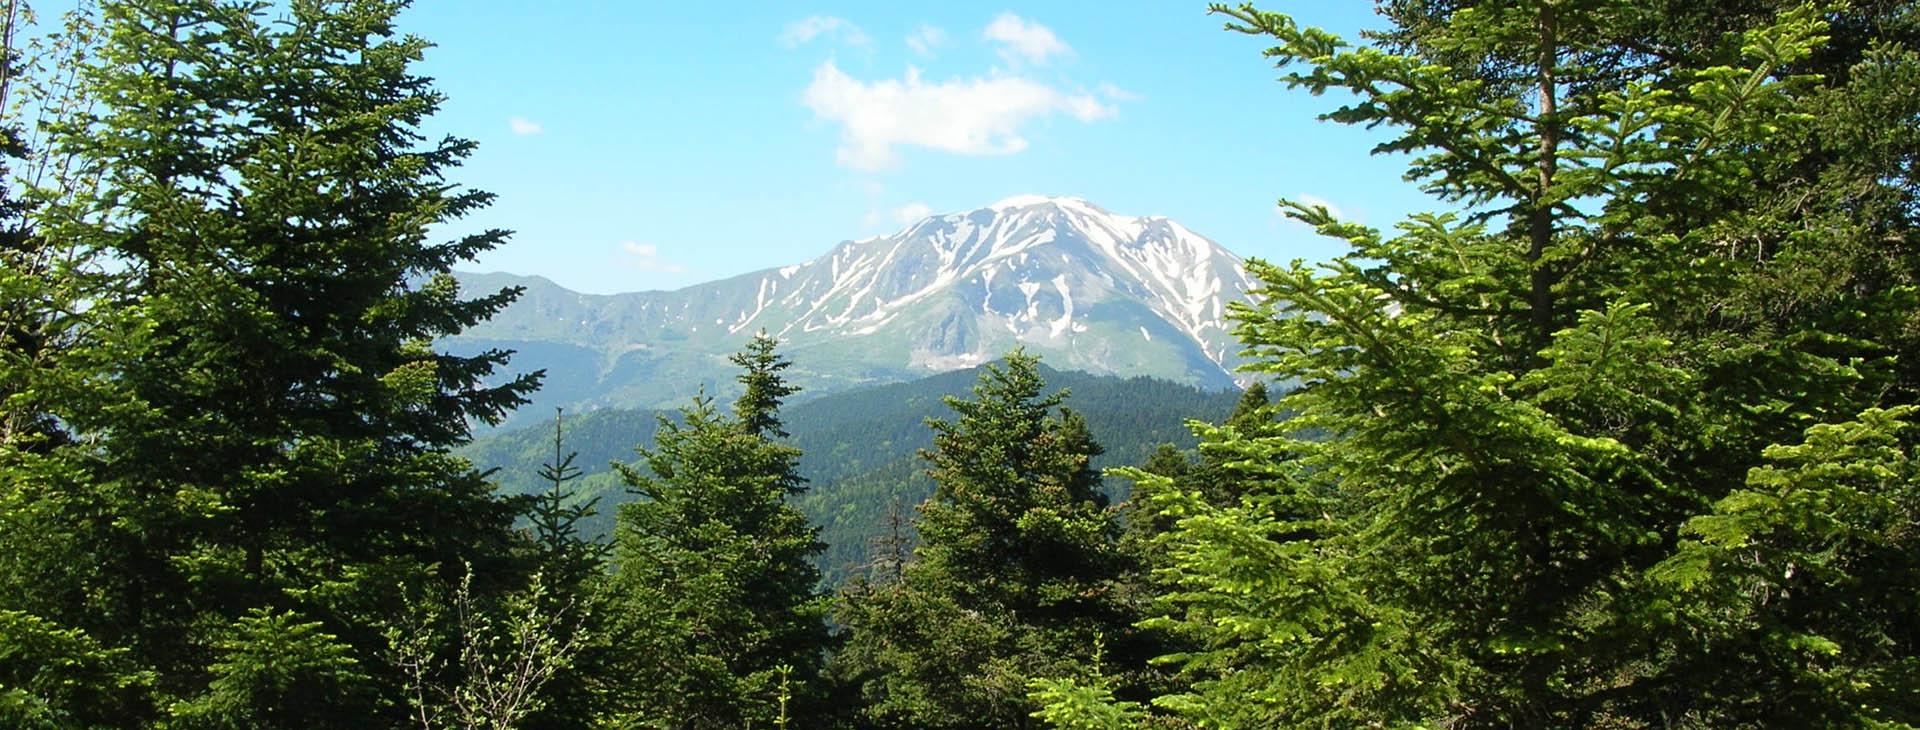 Mountainous Evritania